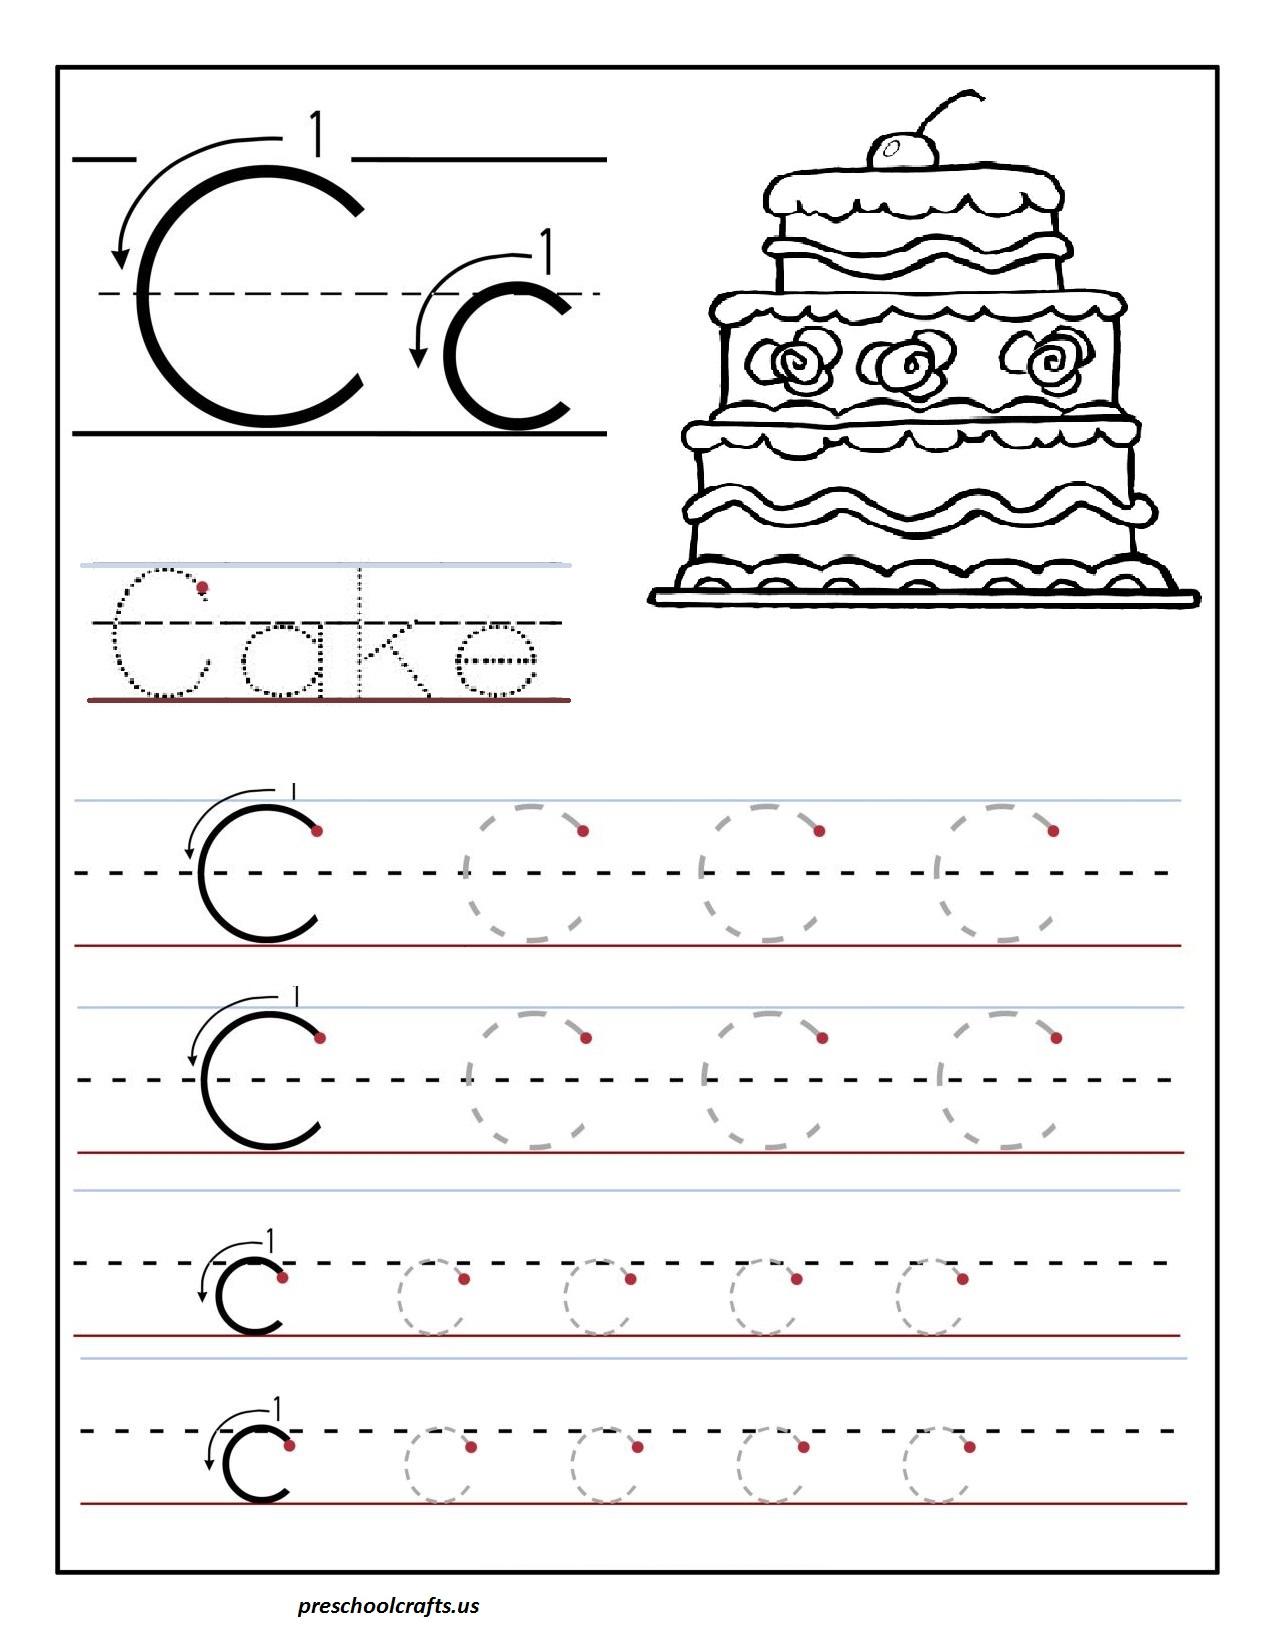 Pr T Ble Letter C Tr C G W Ksheets Preschool